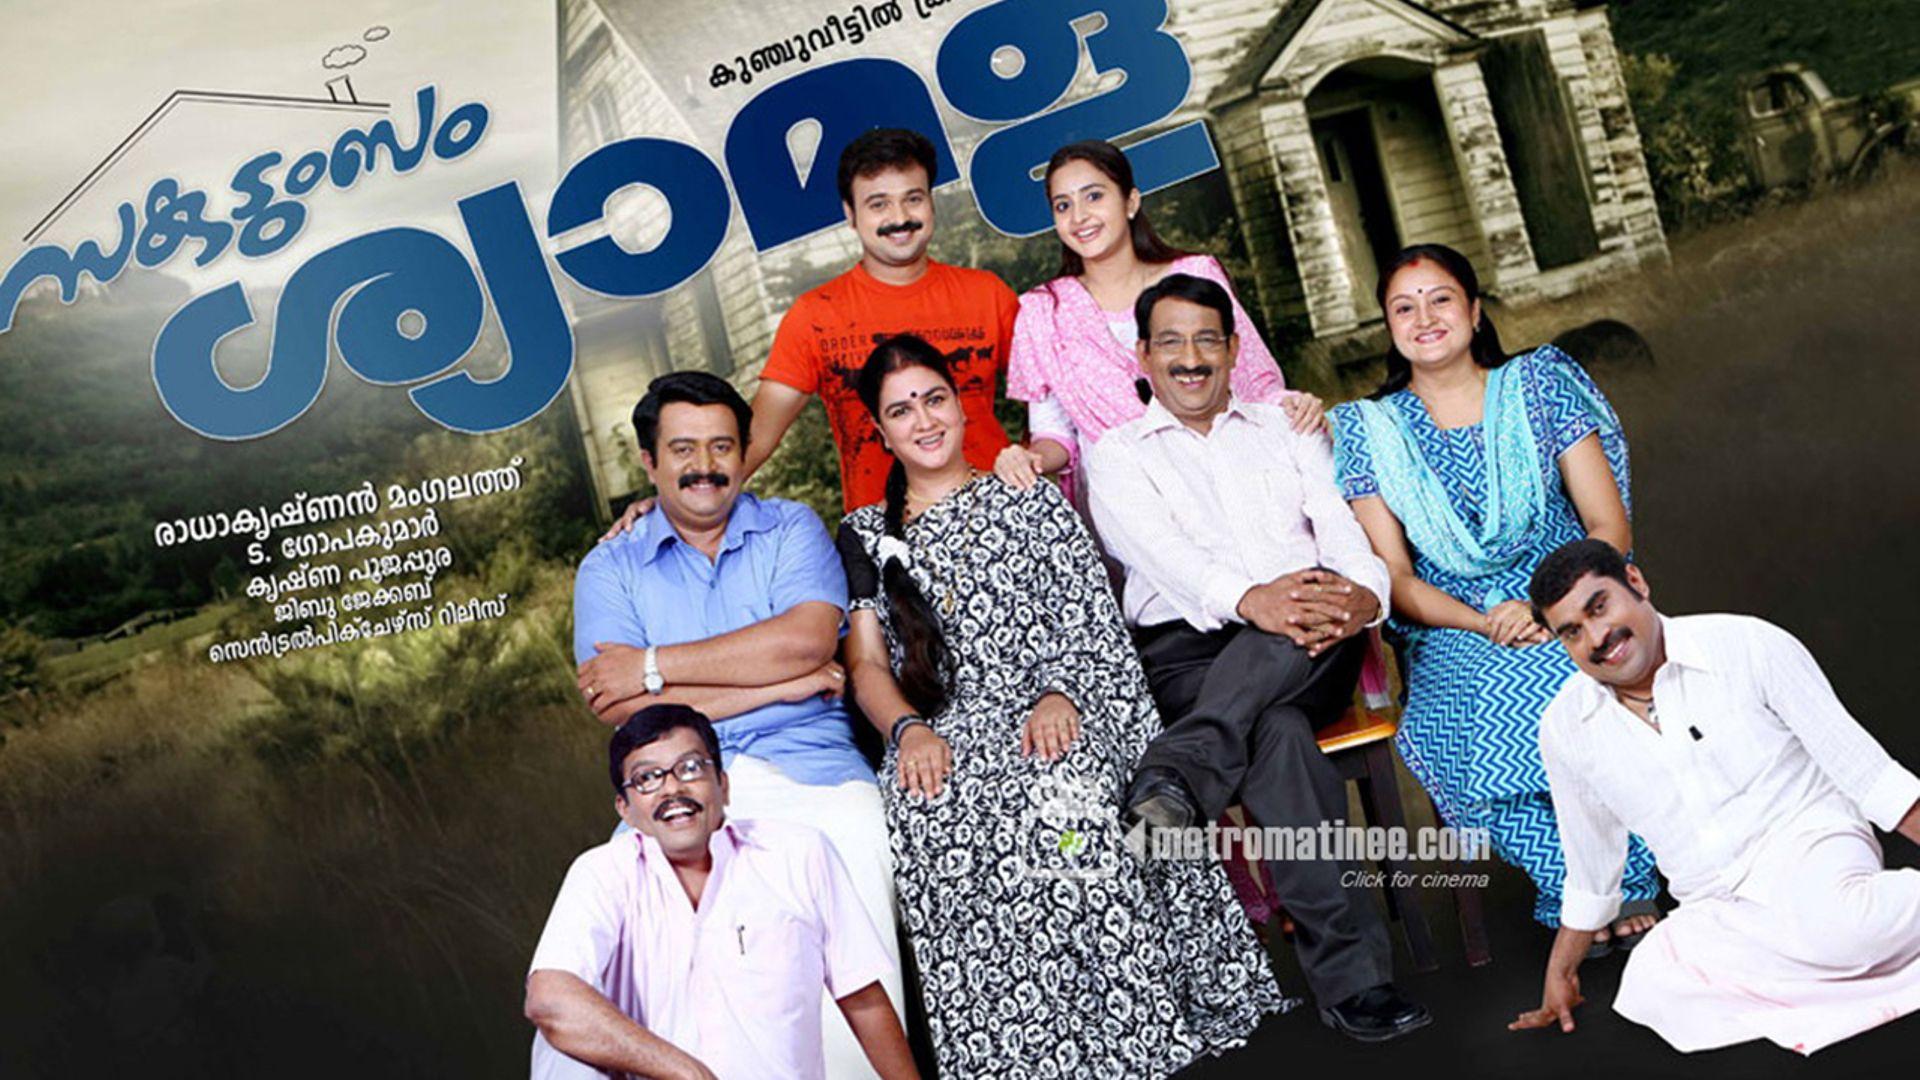 sakudumbam shyamala full movie free download